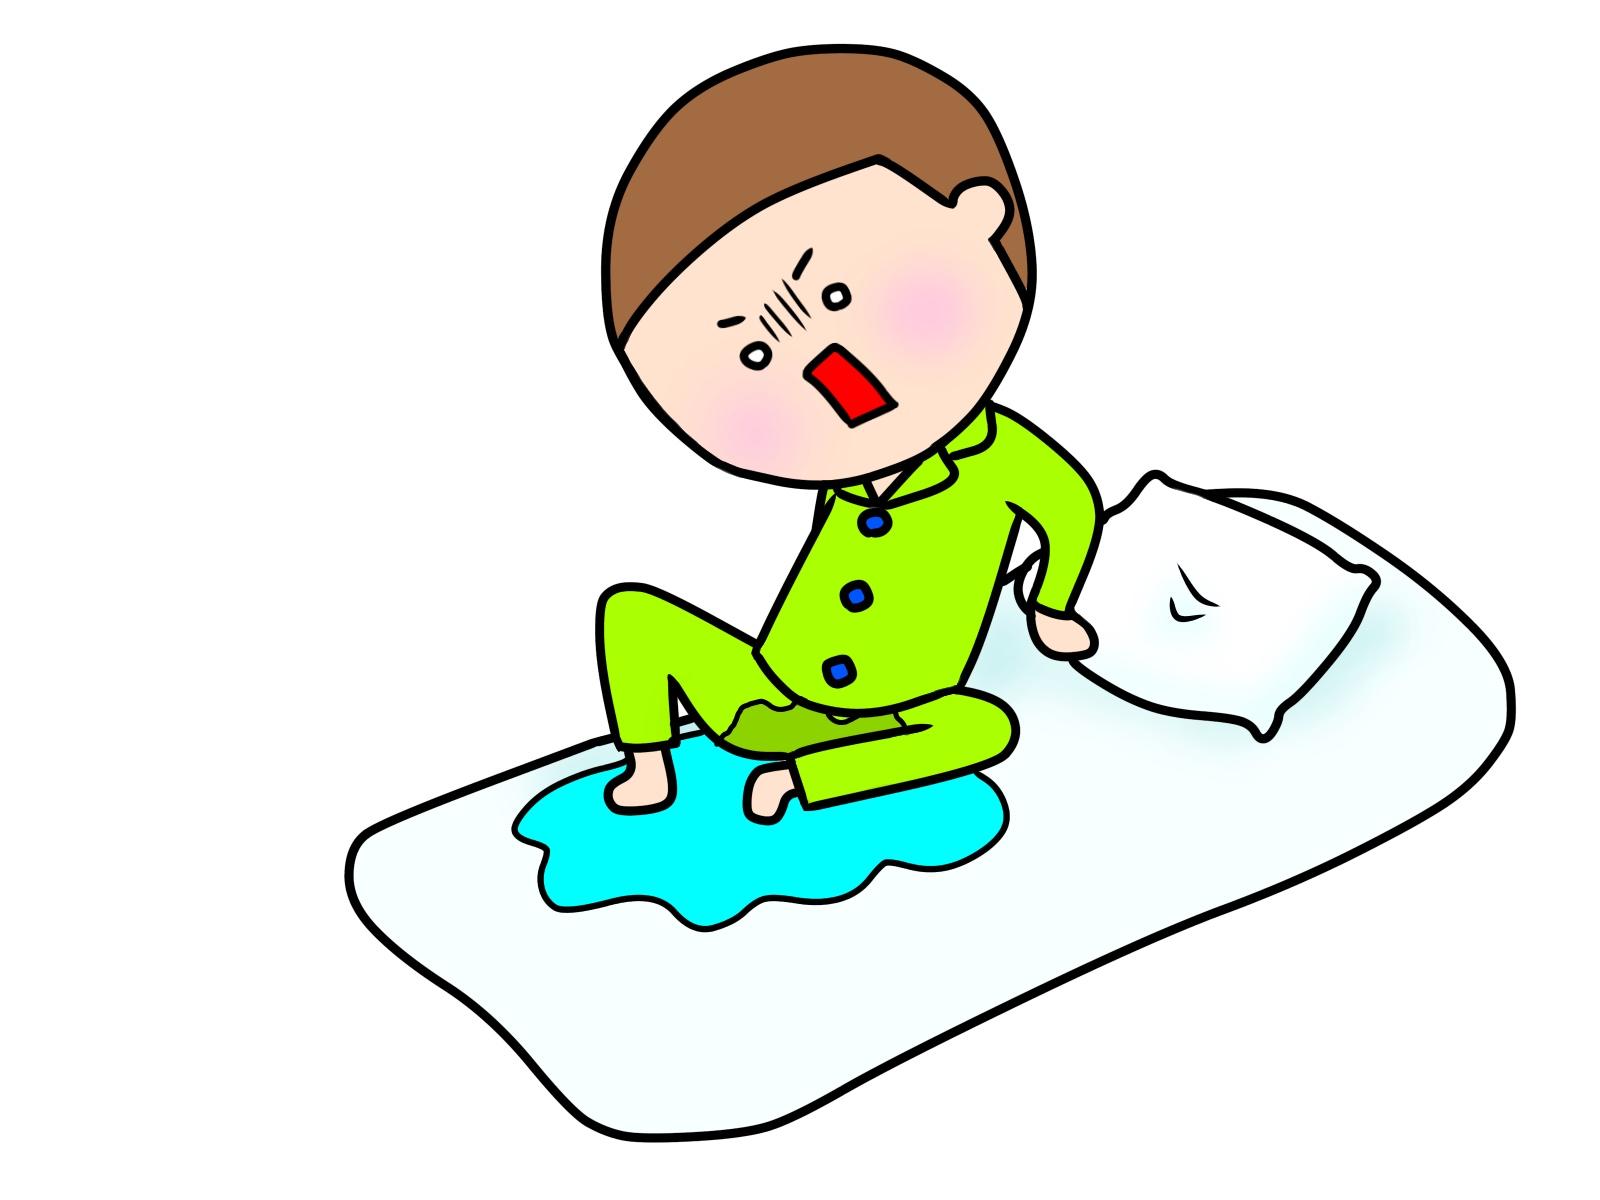 夜尿症からADHDだと判明した経緯を説明します